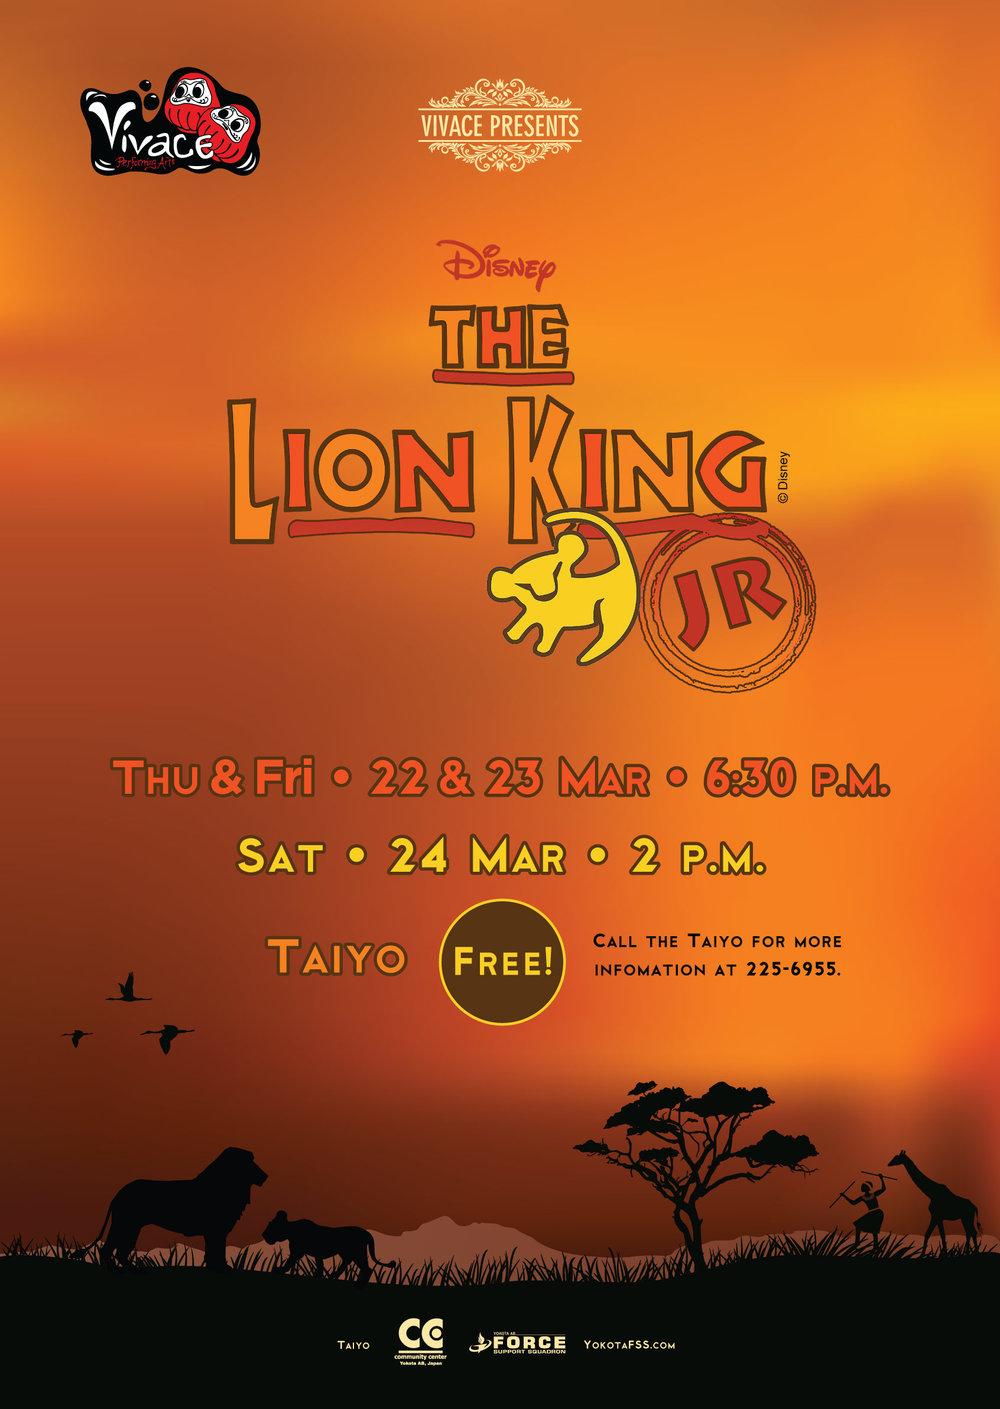 WO712-Vivace-Lion-King-jr (2).jpg